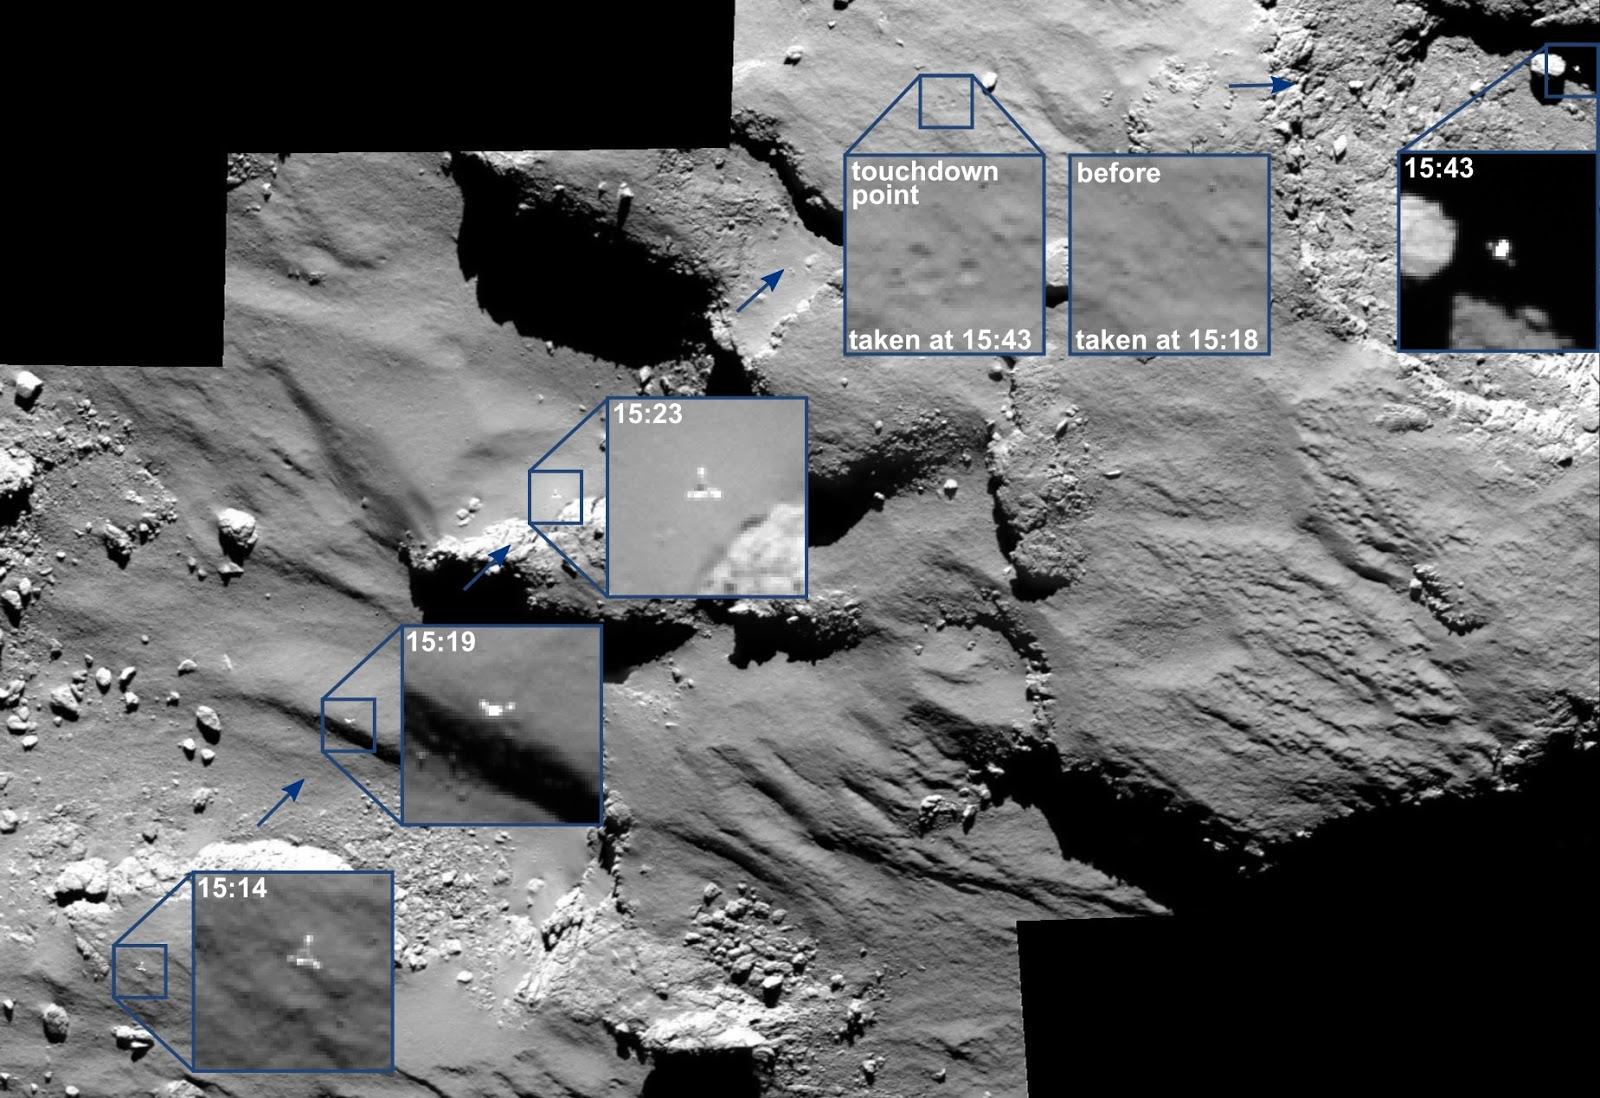 полет зонда Филы до первого касания кометы 67P